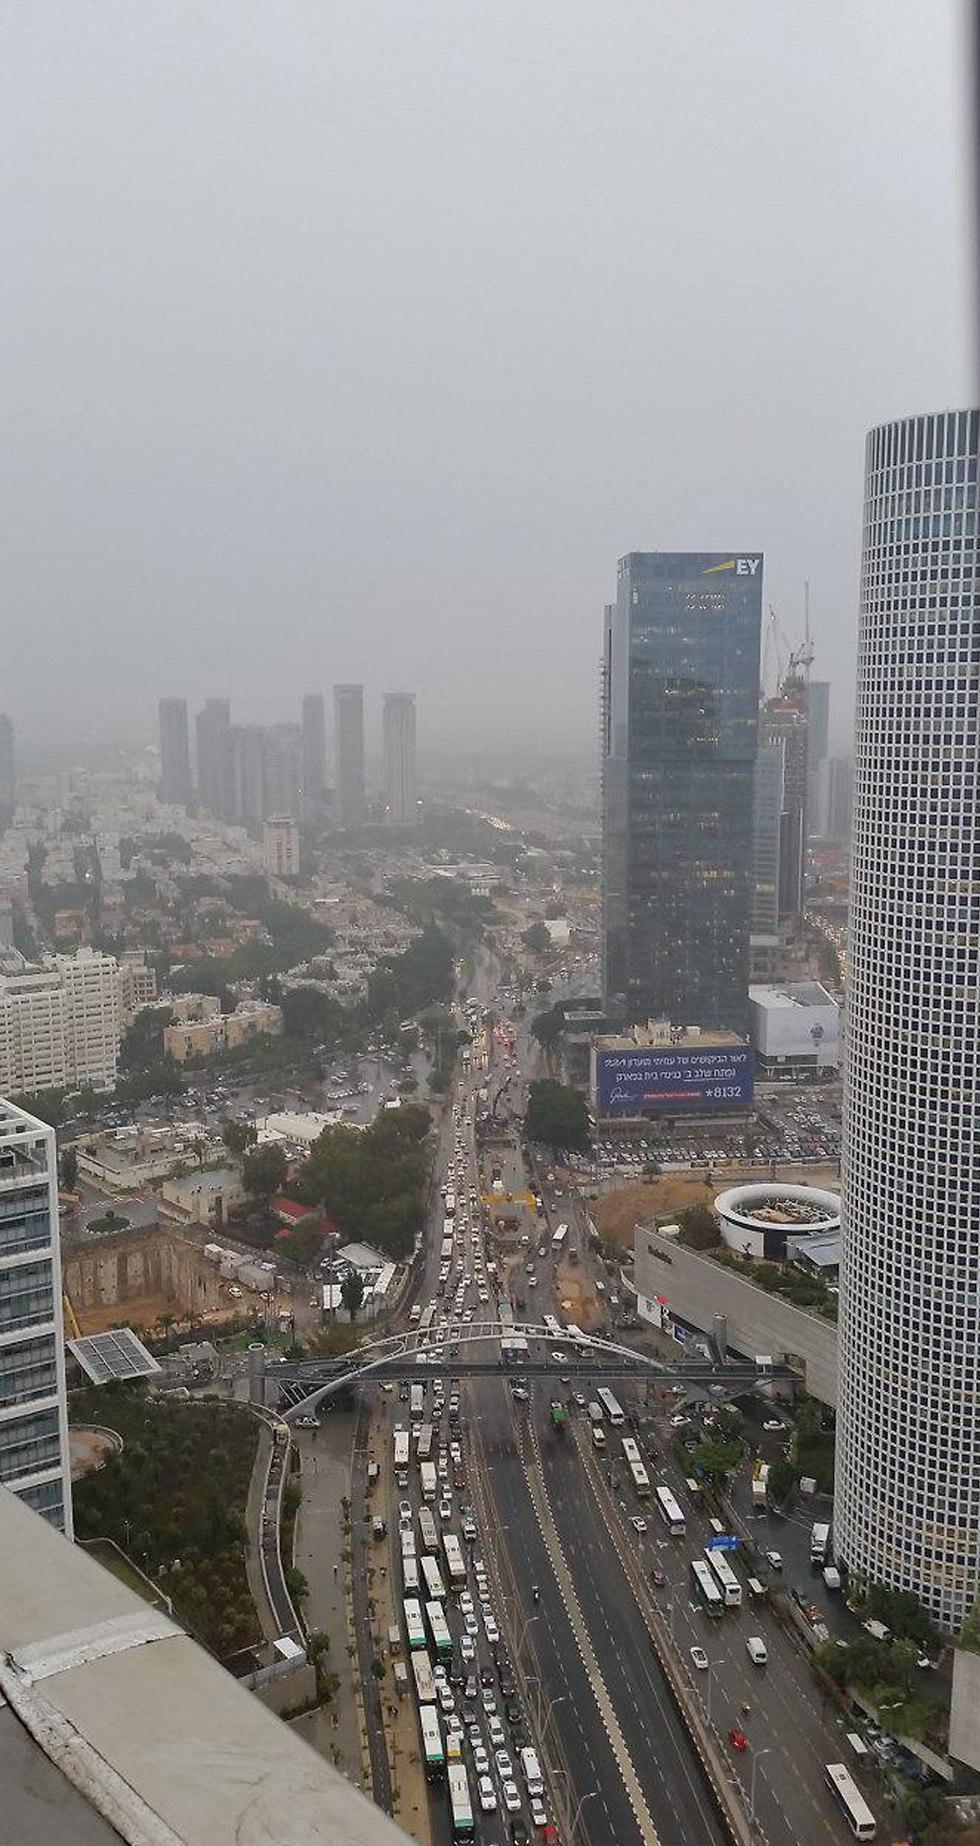 מזג אוויר תל אביב (צילום: יובל שם)